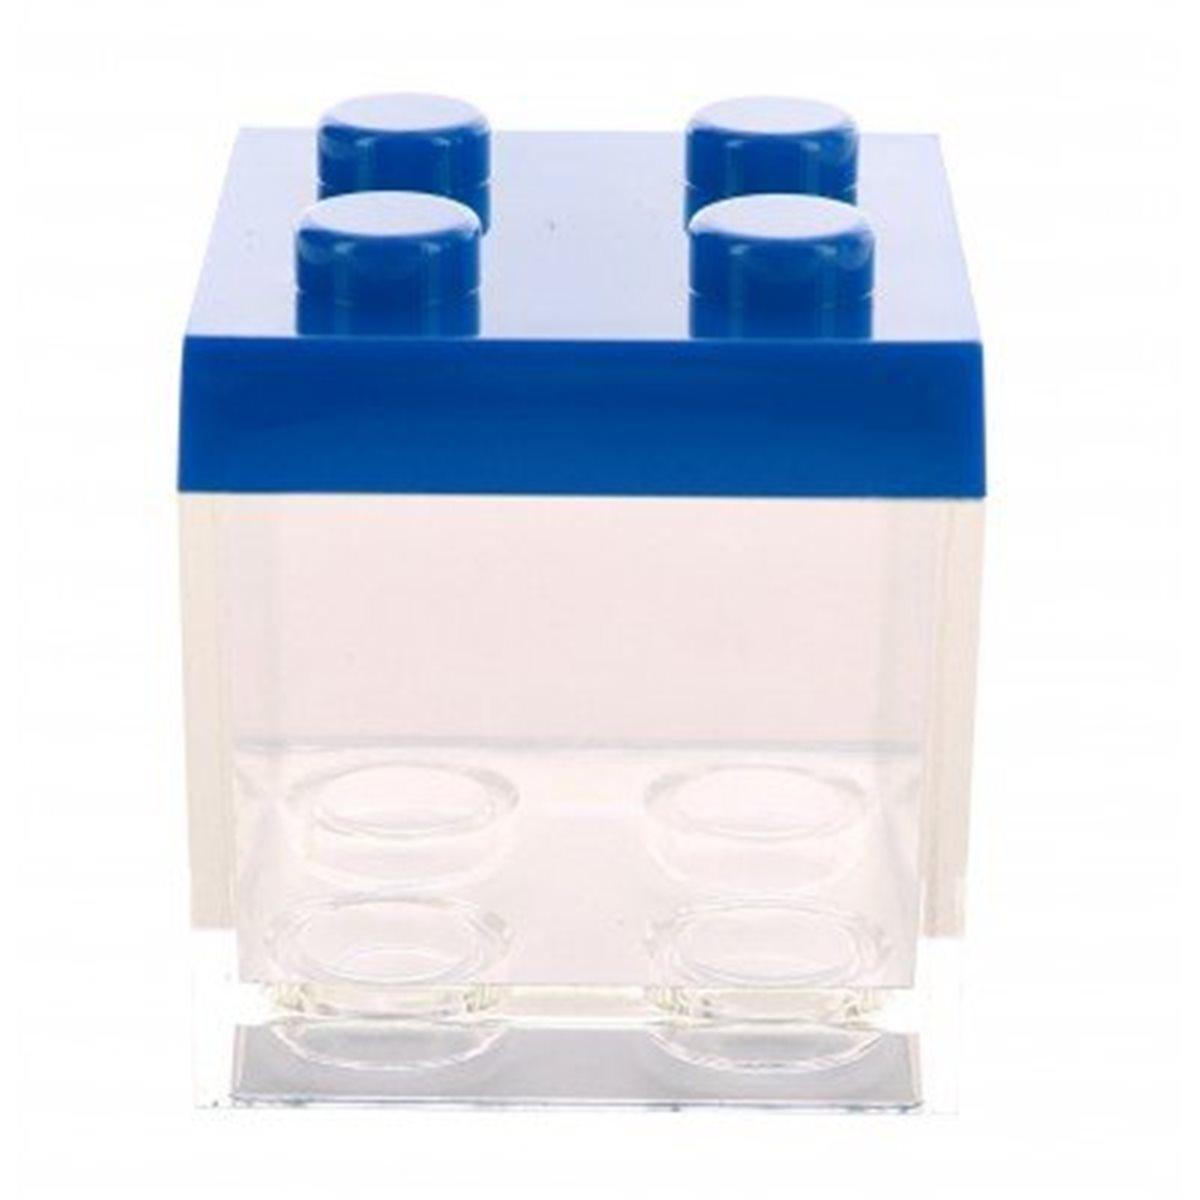 Contenant Dragées Lego Bleu marine x1